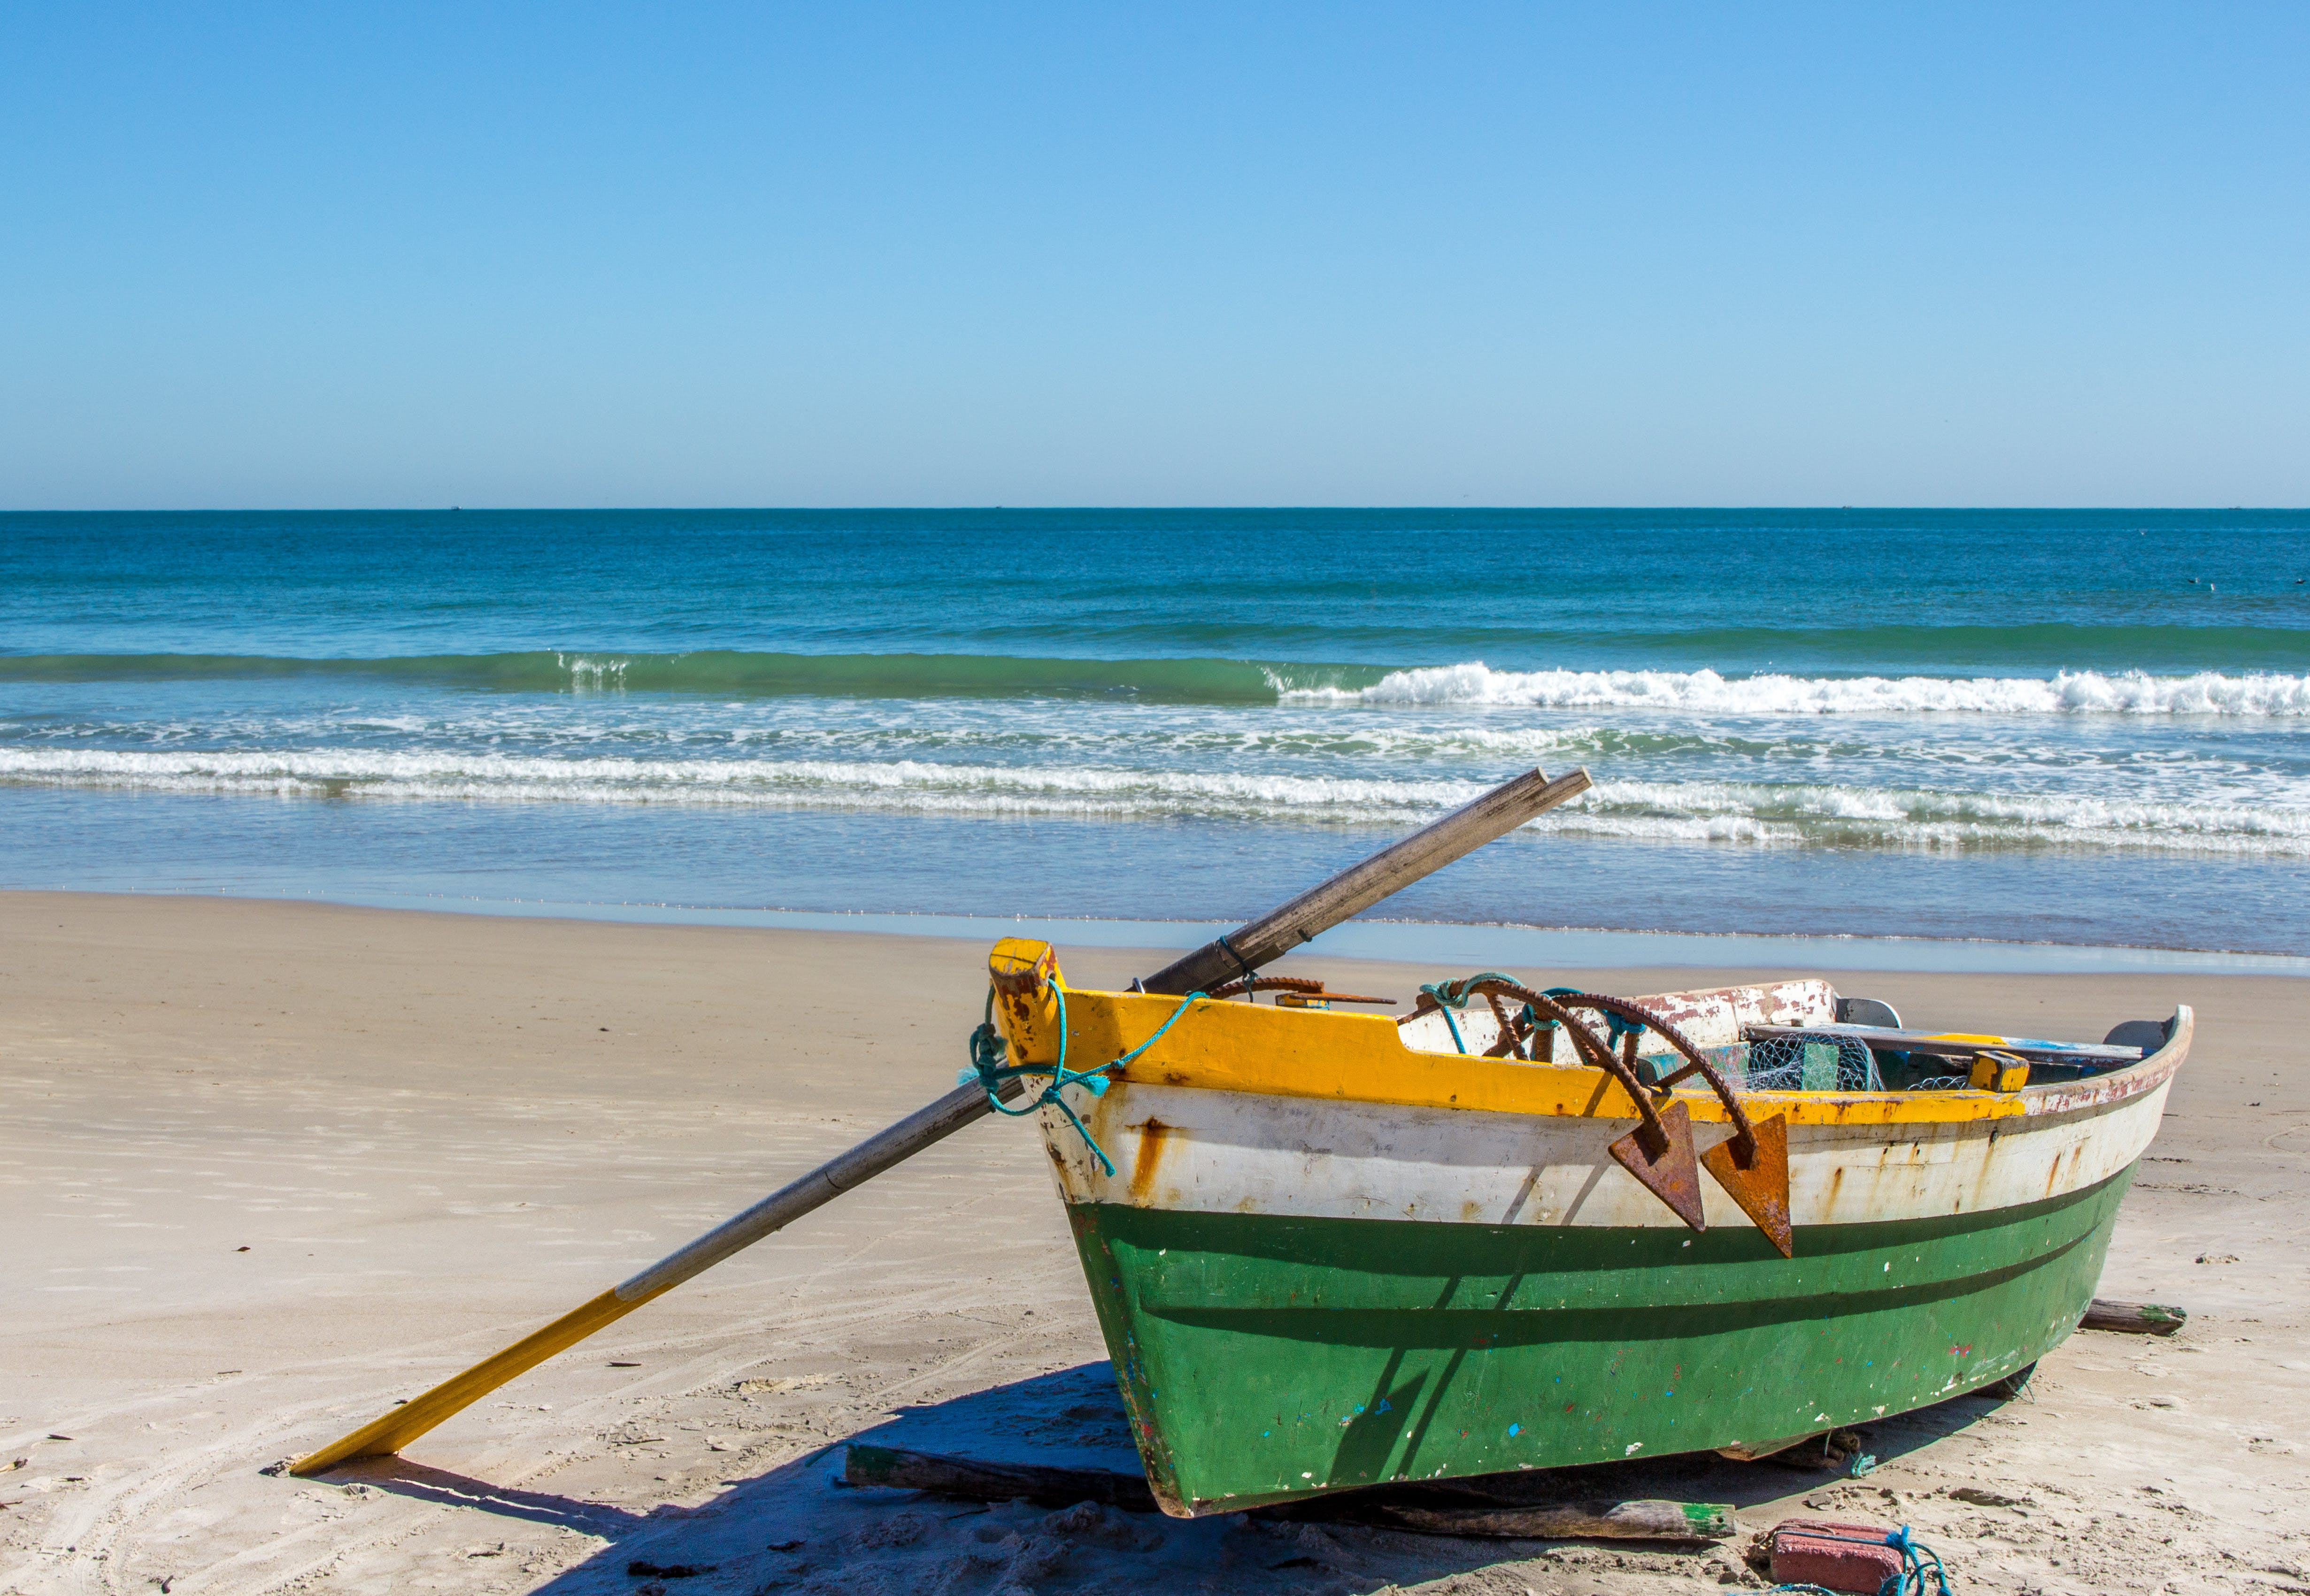 Ilmainen kuvapankkikuva tunnisteilla brasilia, hiekkaranta, sininen vesi, valtameri